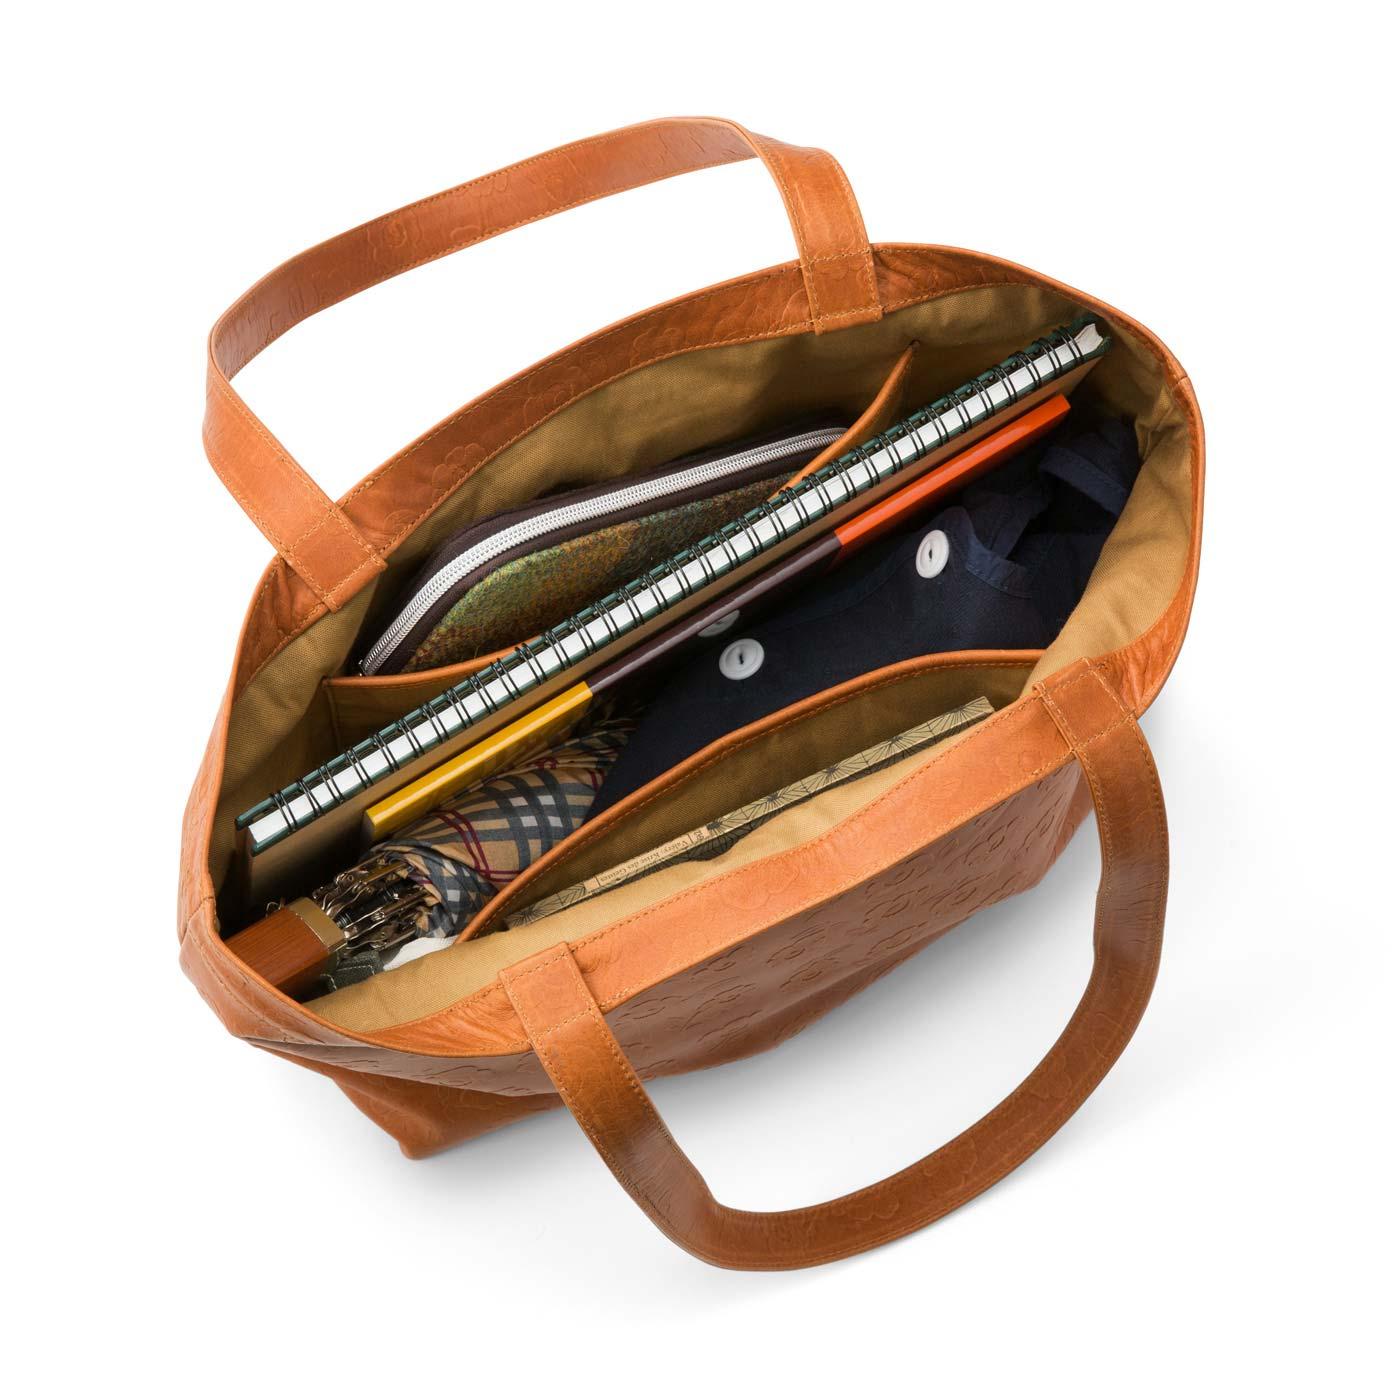 たっぷり入る大容量で、肩掛けしやすい持ち手の長さもベスト!内ポケットも位置や深さにこだわって使いやすく。